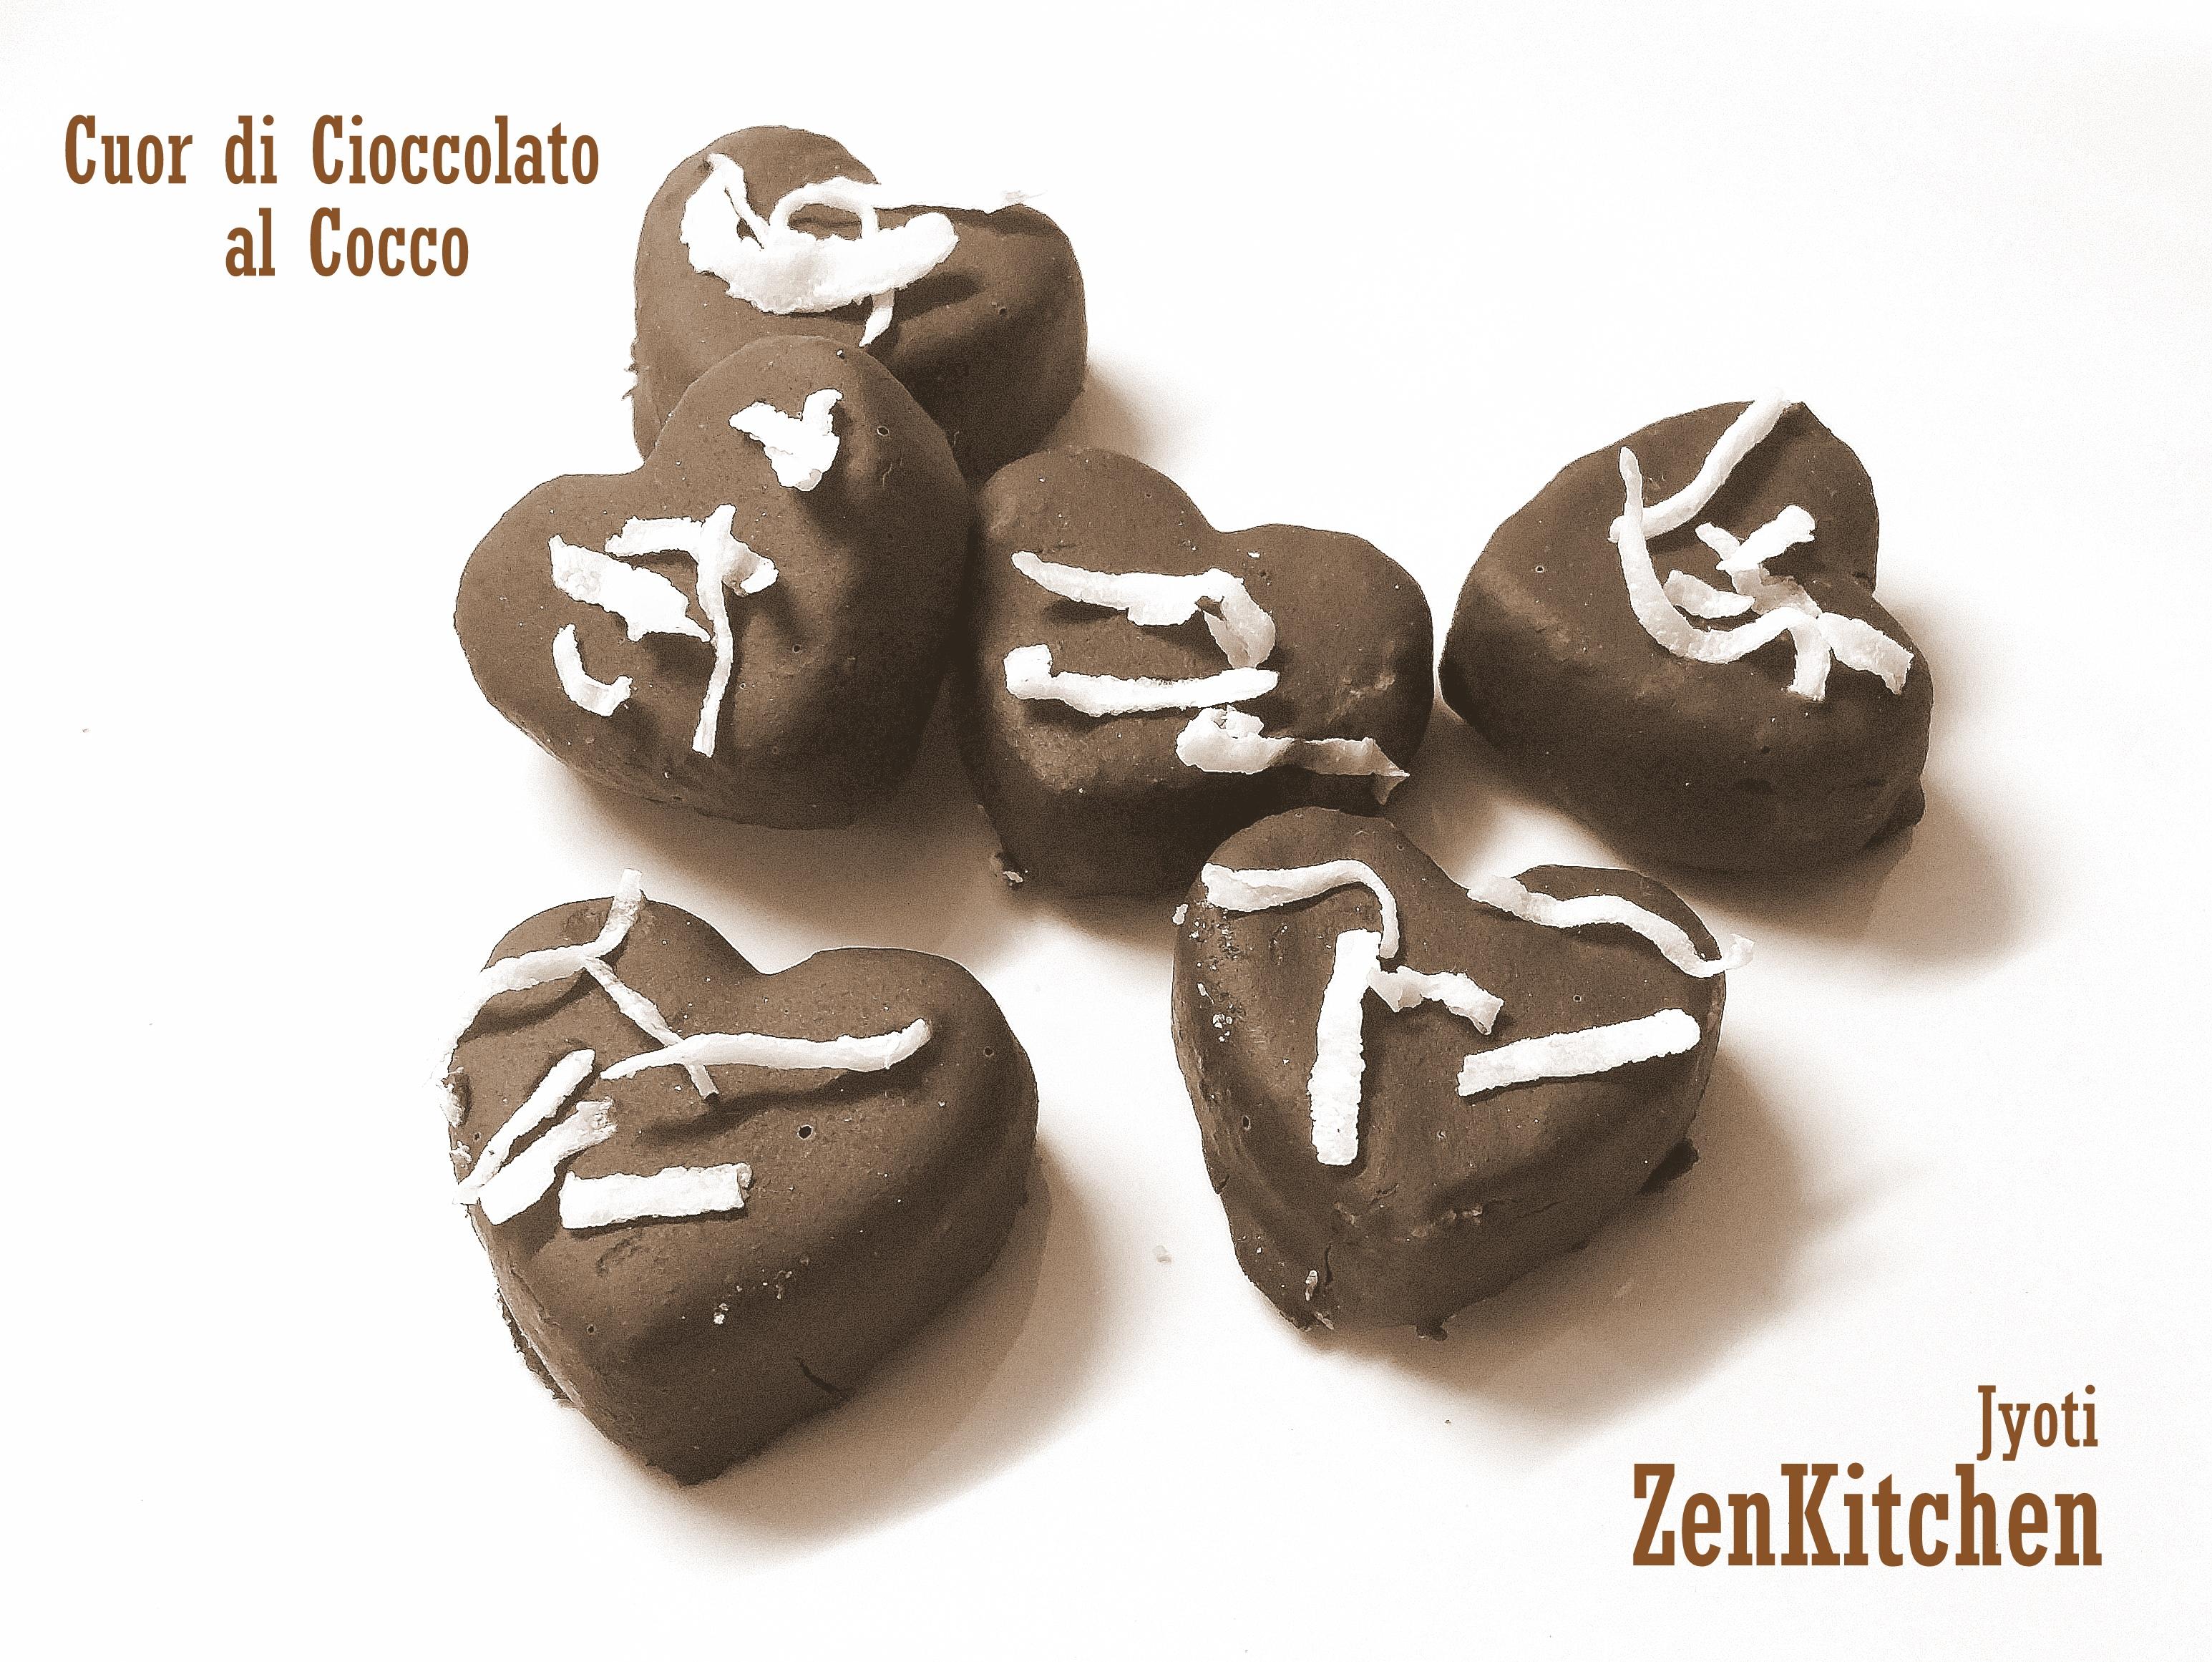 Cuor di cioccolato al cocco